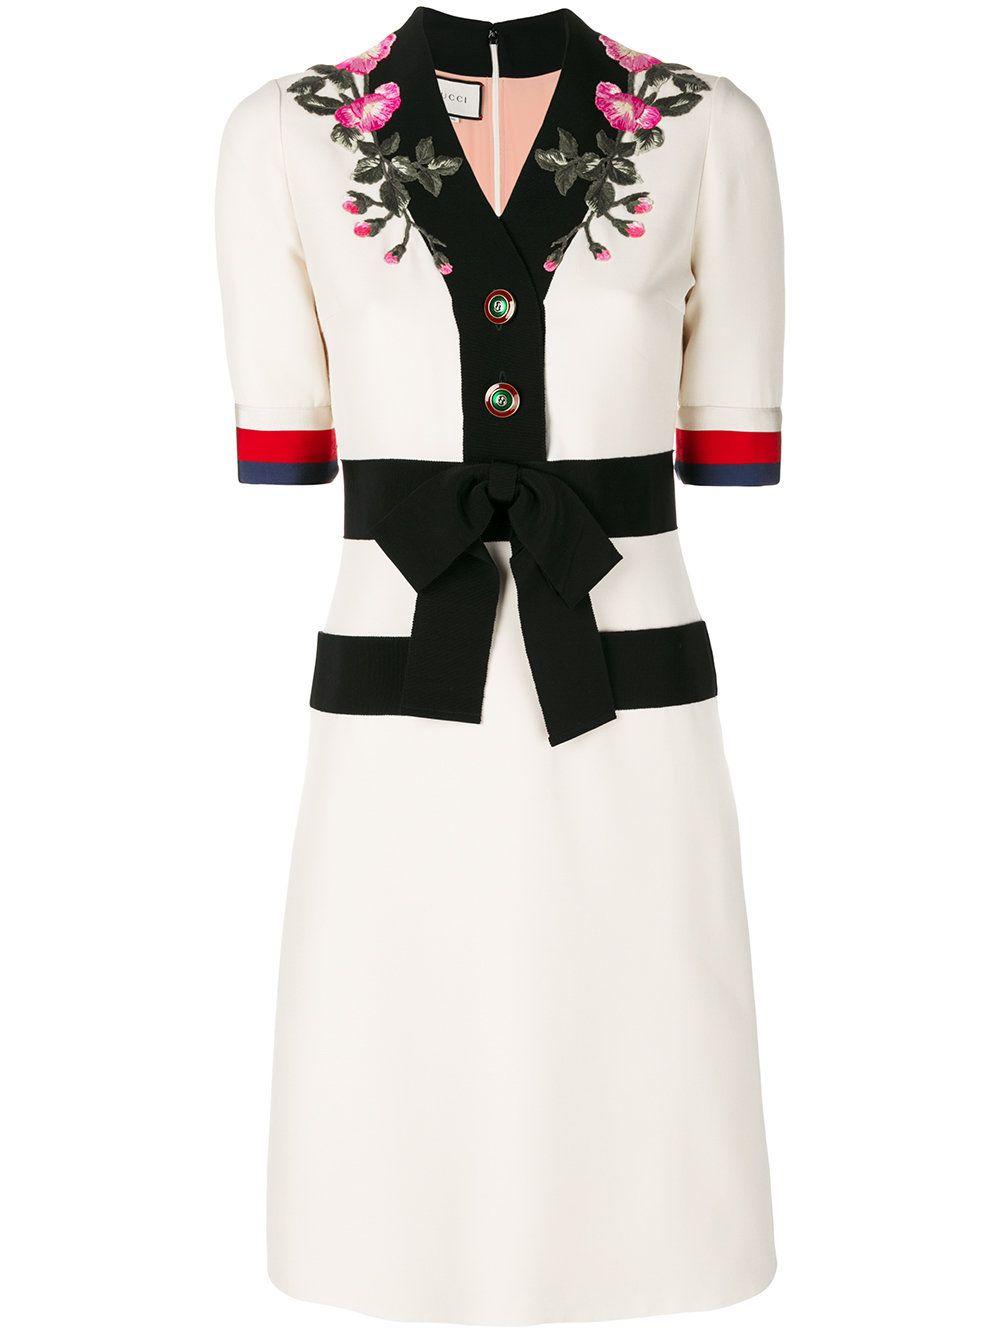 Gucci Kleid mit Webstreifen  Gucci kleider, Kleidung, Kleider